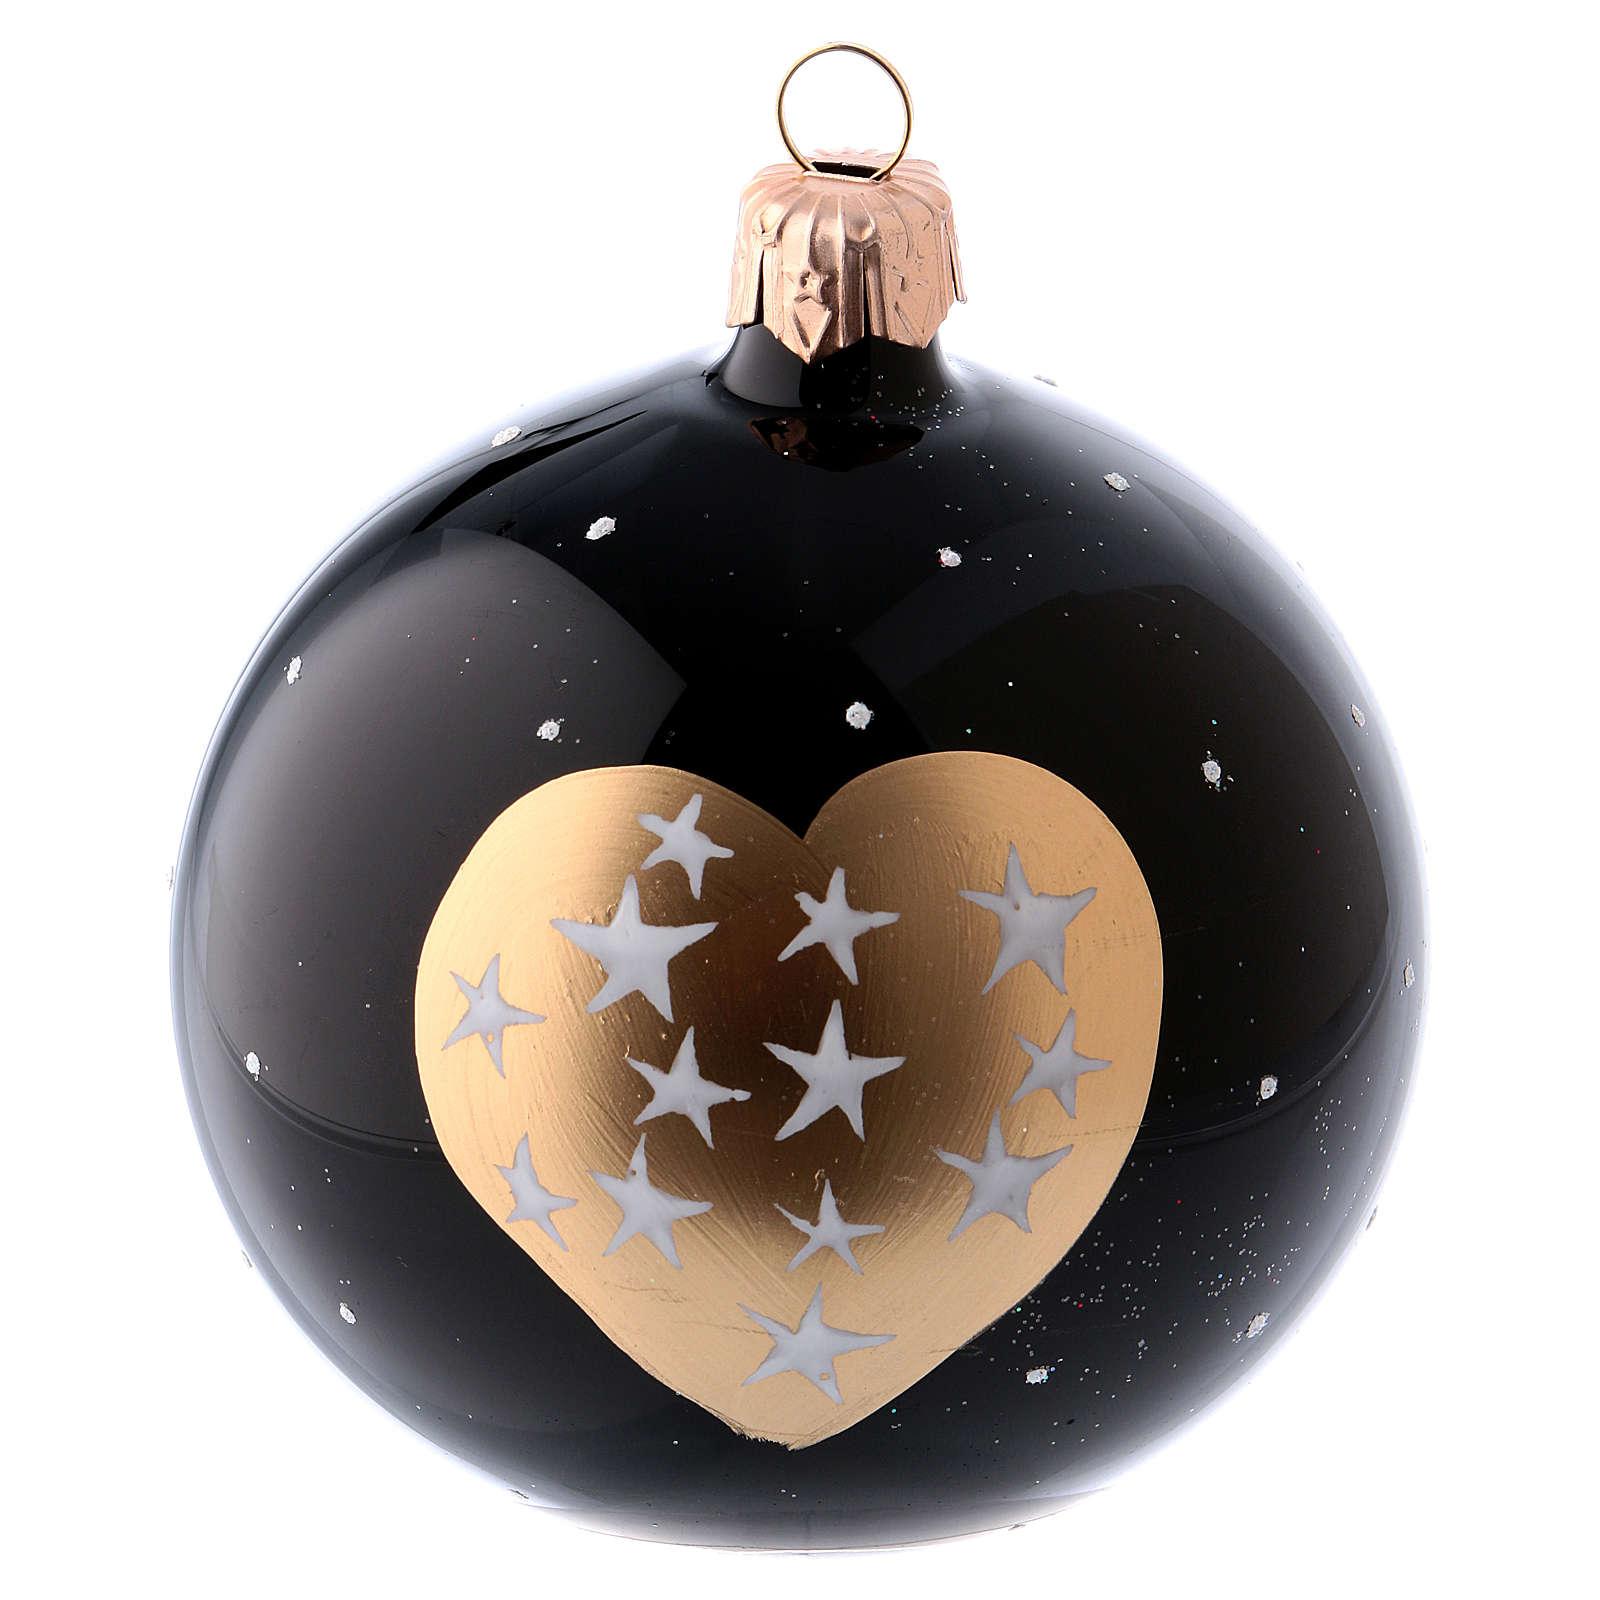 Boules Noël 6 pcs verre soufflé noir coeur doré et étoiles 80 mm 4